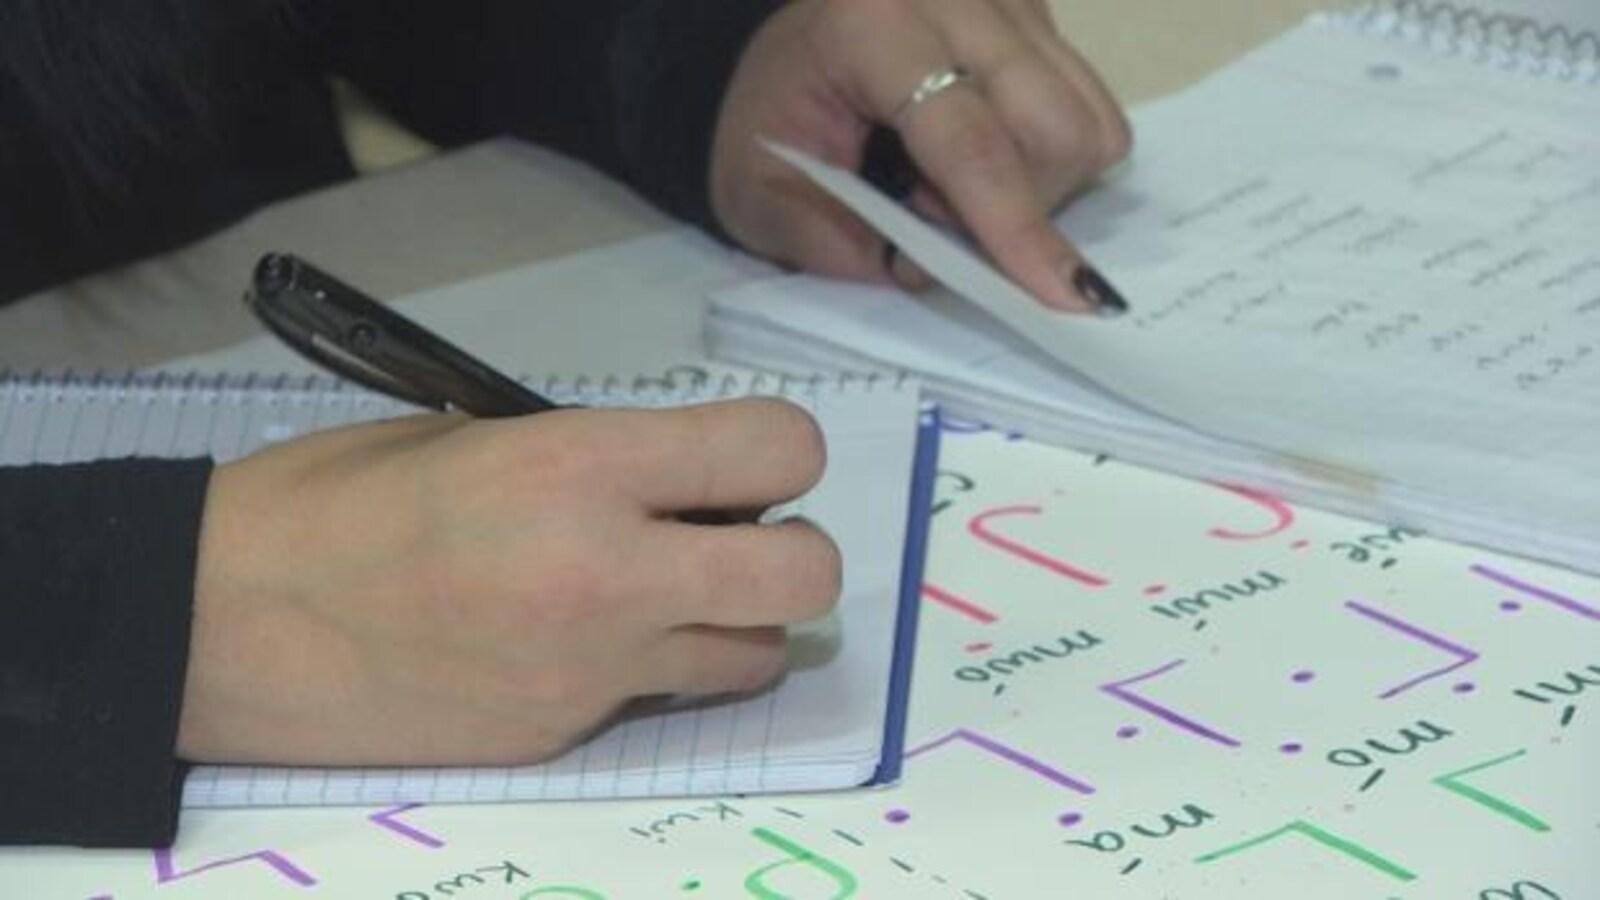 Des mains de femmes écrivent et tournent la page d'un cahier où il y a des lettres cries.